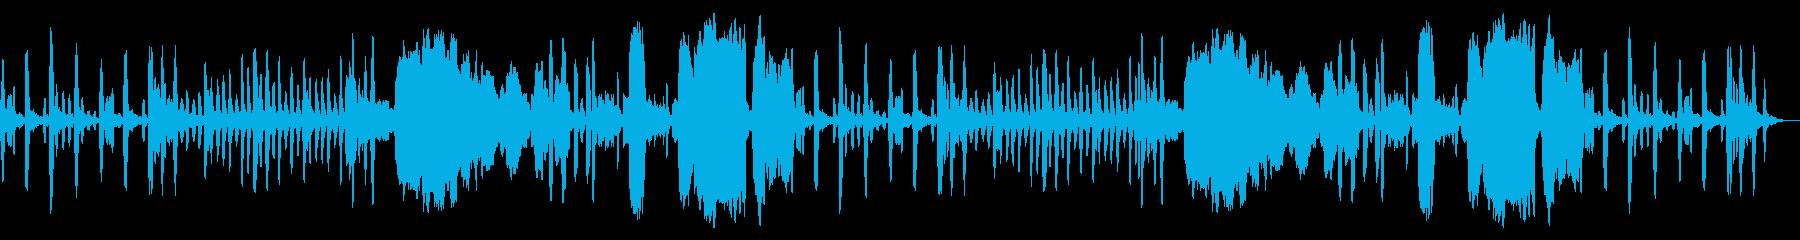 ほのぼの系BGM(リコーダー4重奏)の再生済みの波形